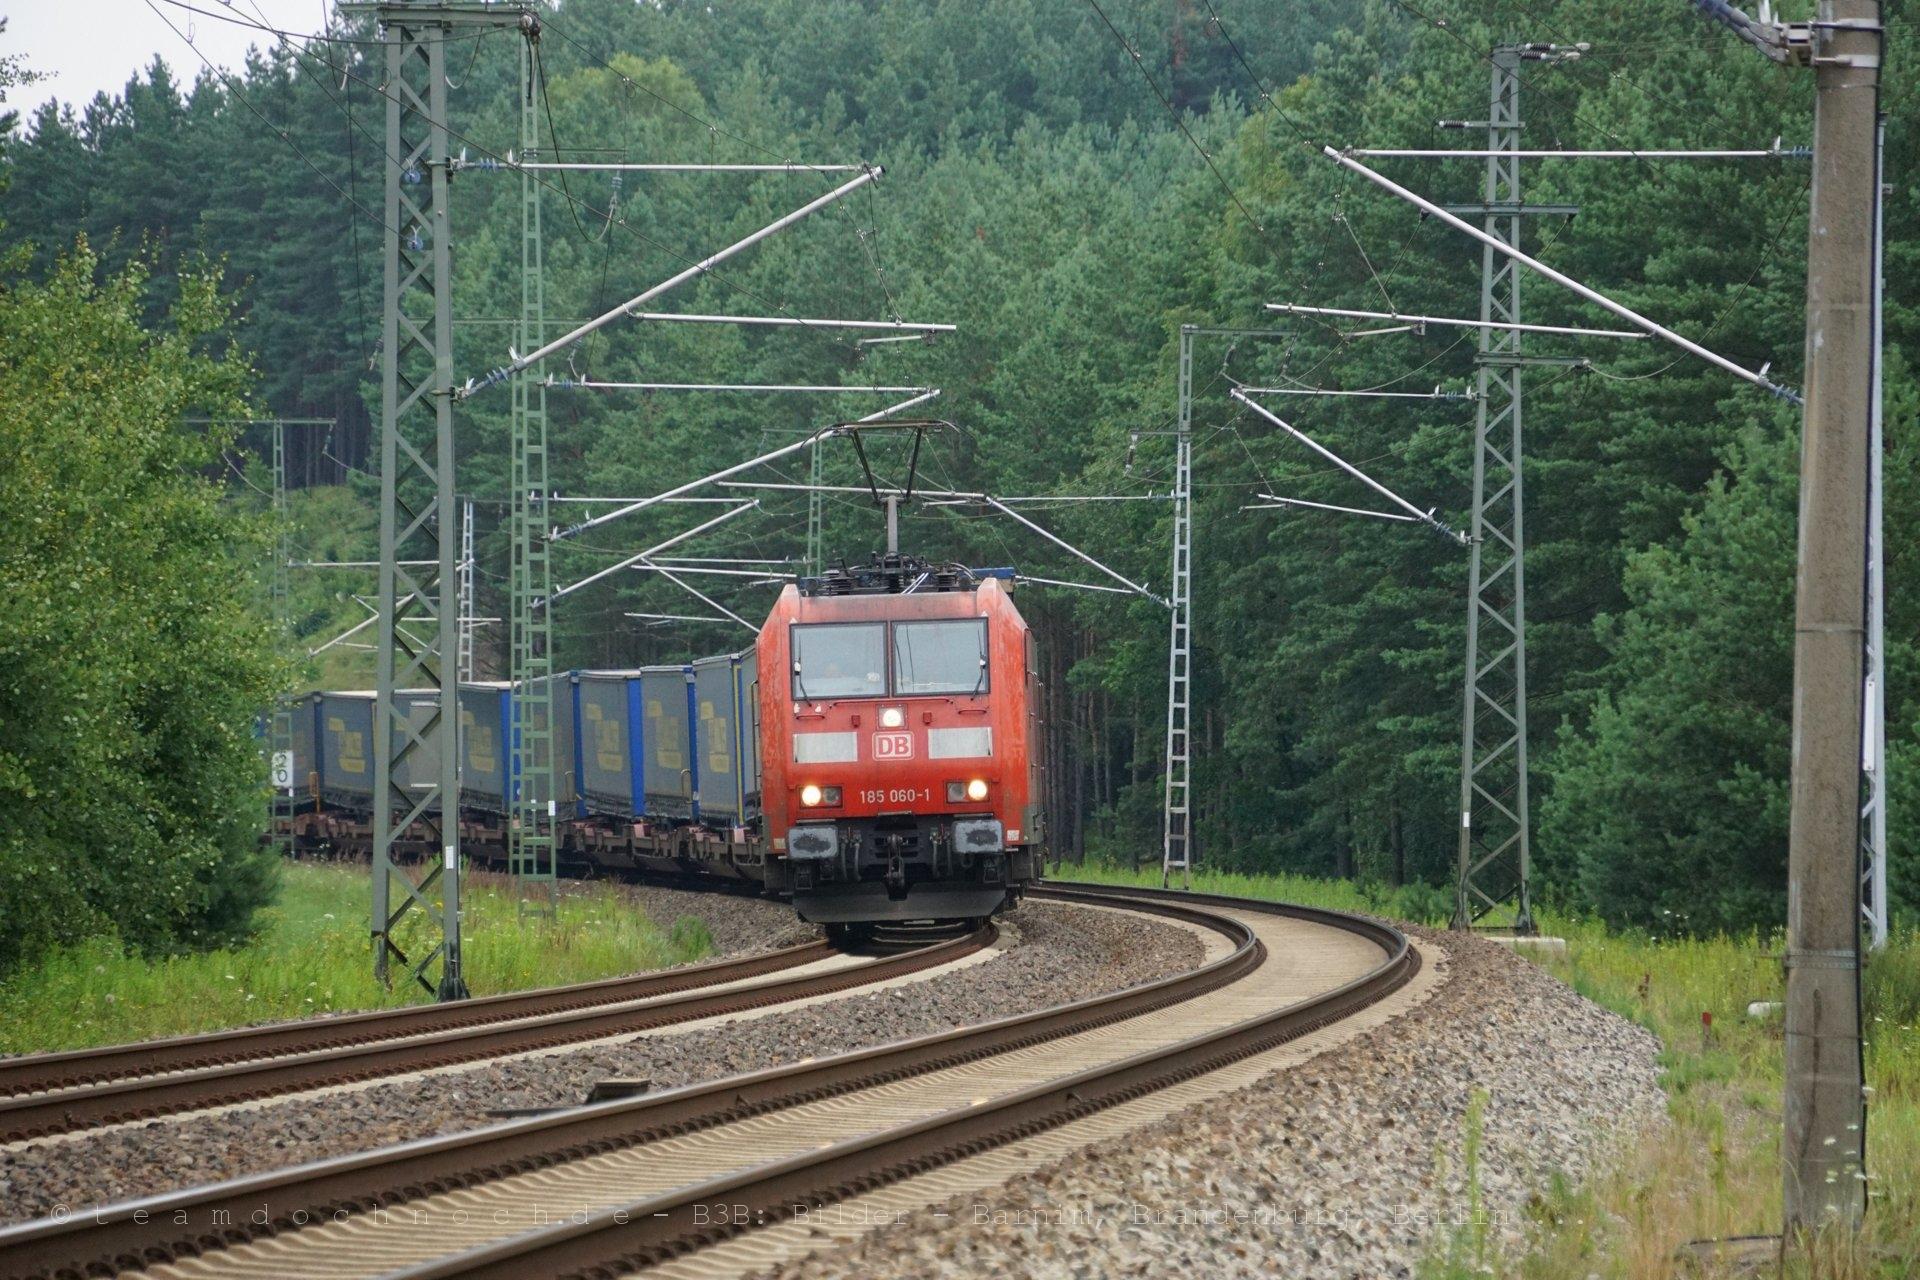 185 060-1 mit einem Güterzug auf der Lloydbahn